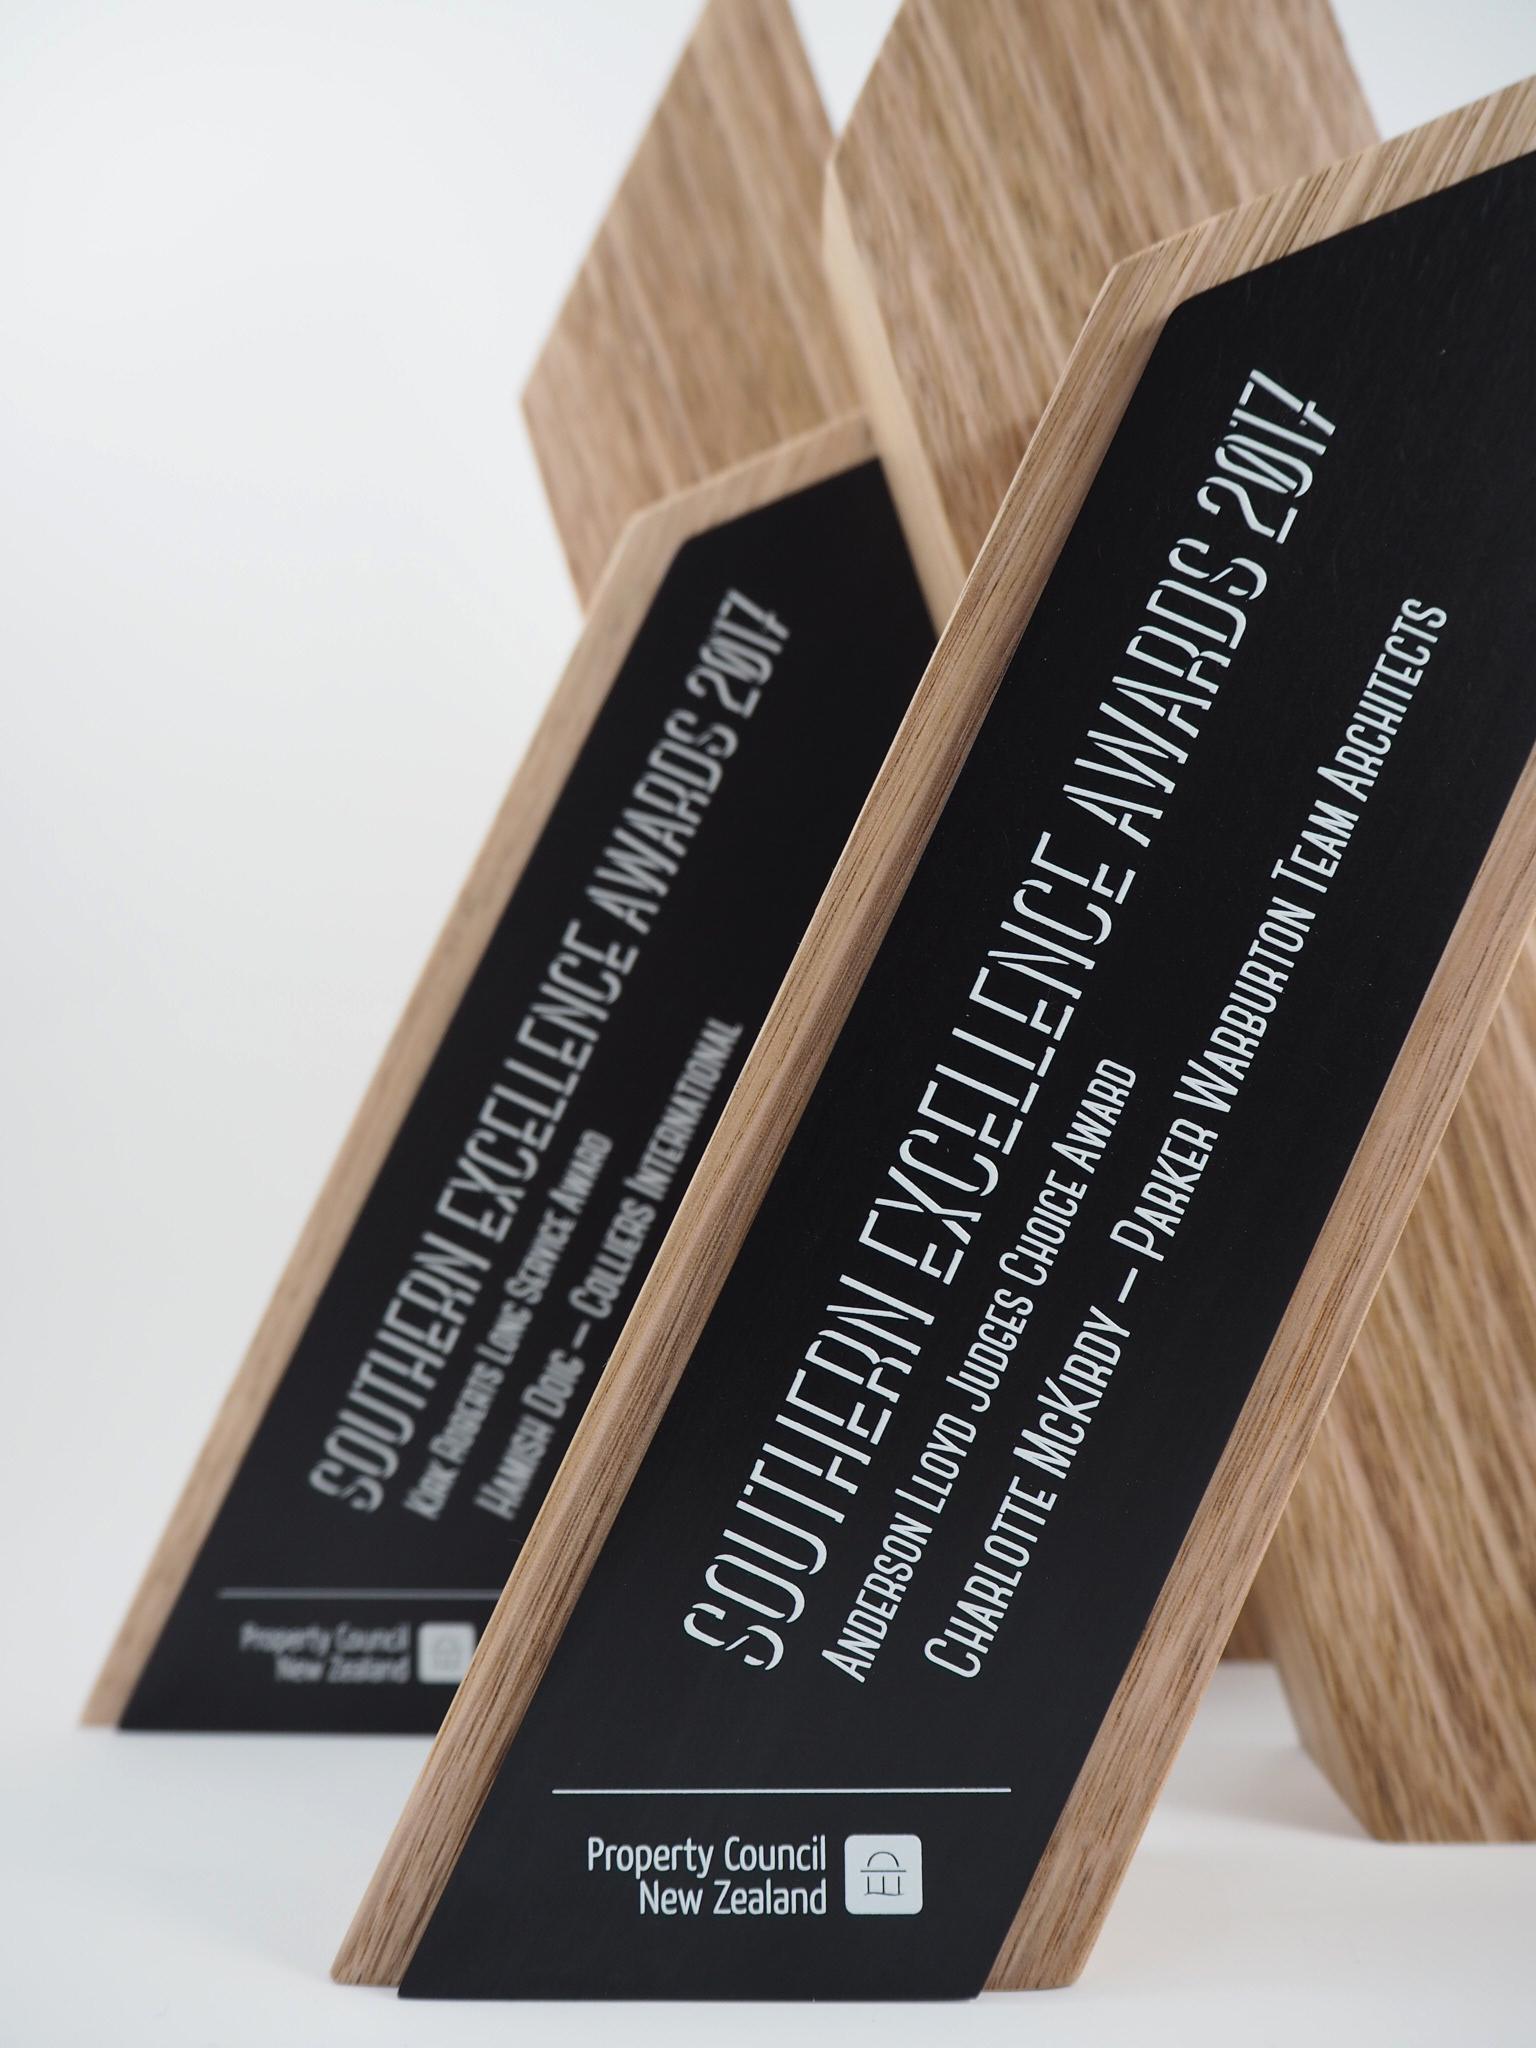 property-council-new-zealand-timber-eco-trophy-metal-award-02.jpg